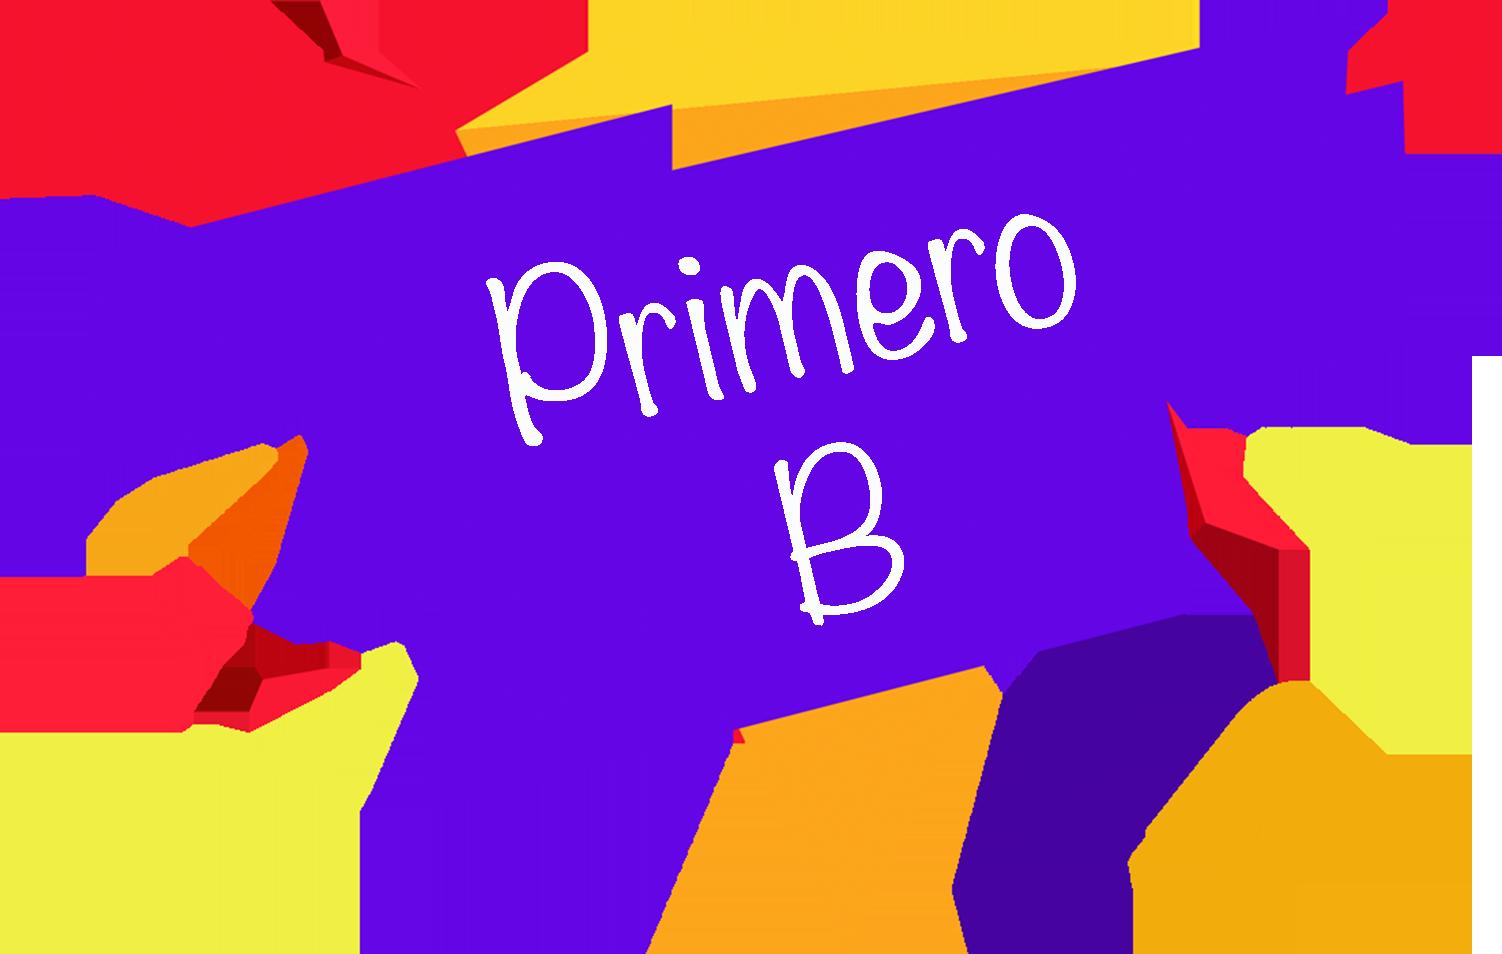 Botón Primero B